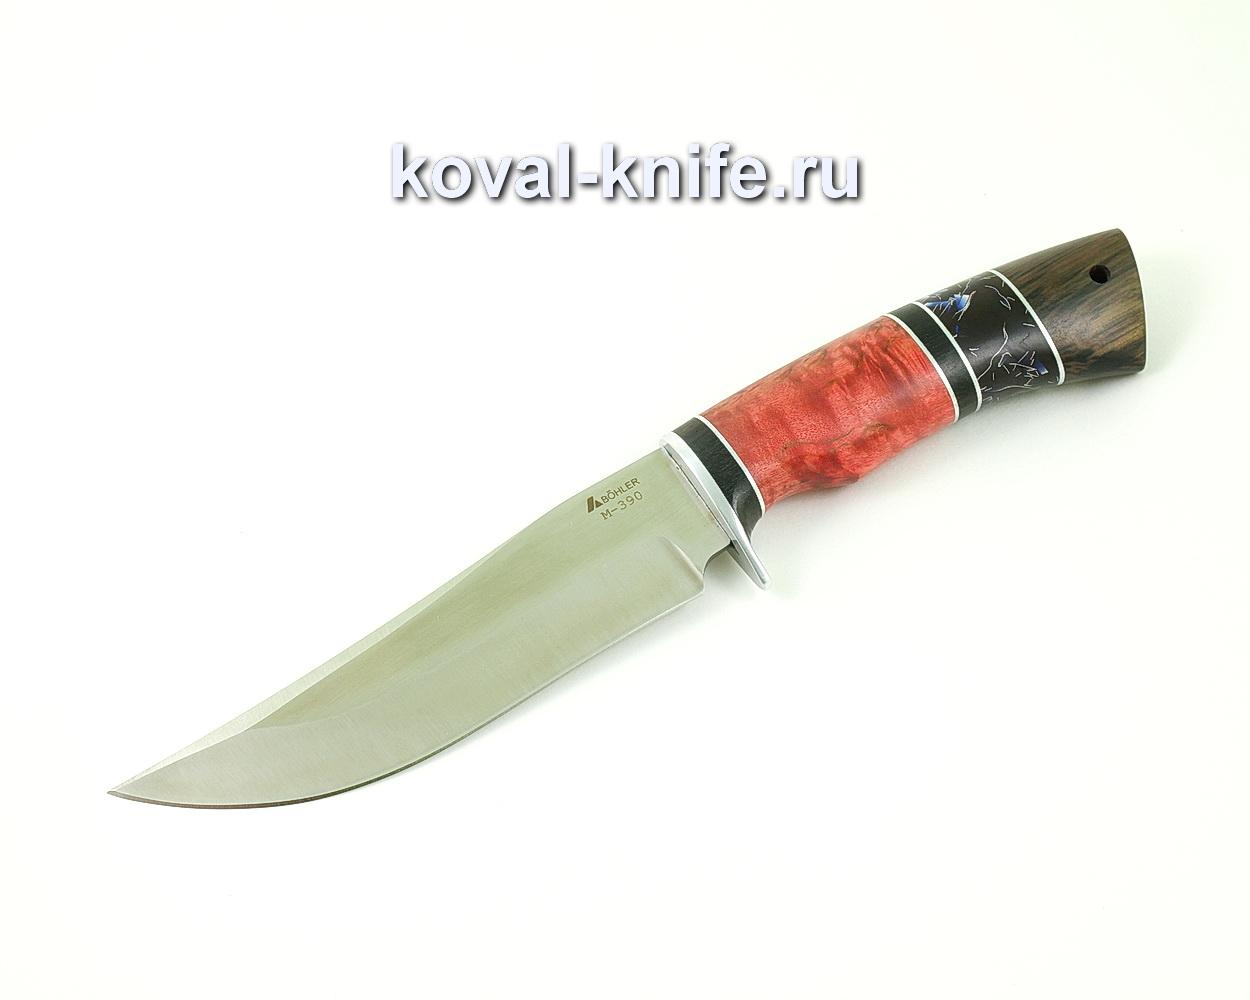 Нож из порошковой стали М390 Клыч (рукоять венге и композит) A508